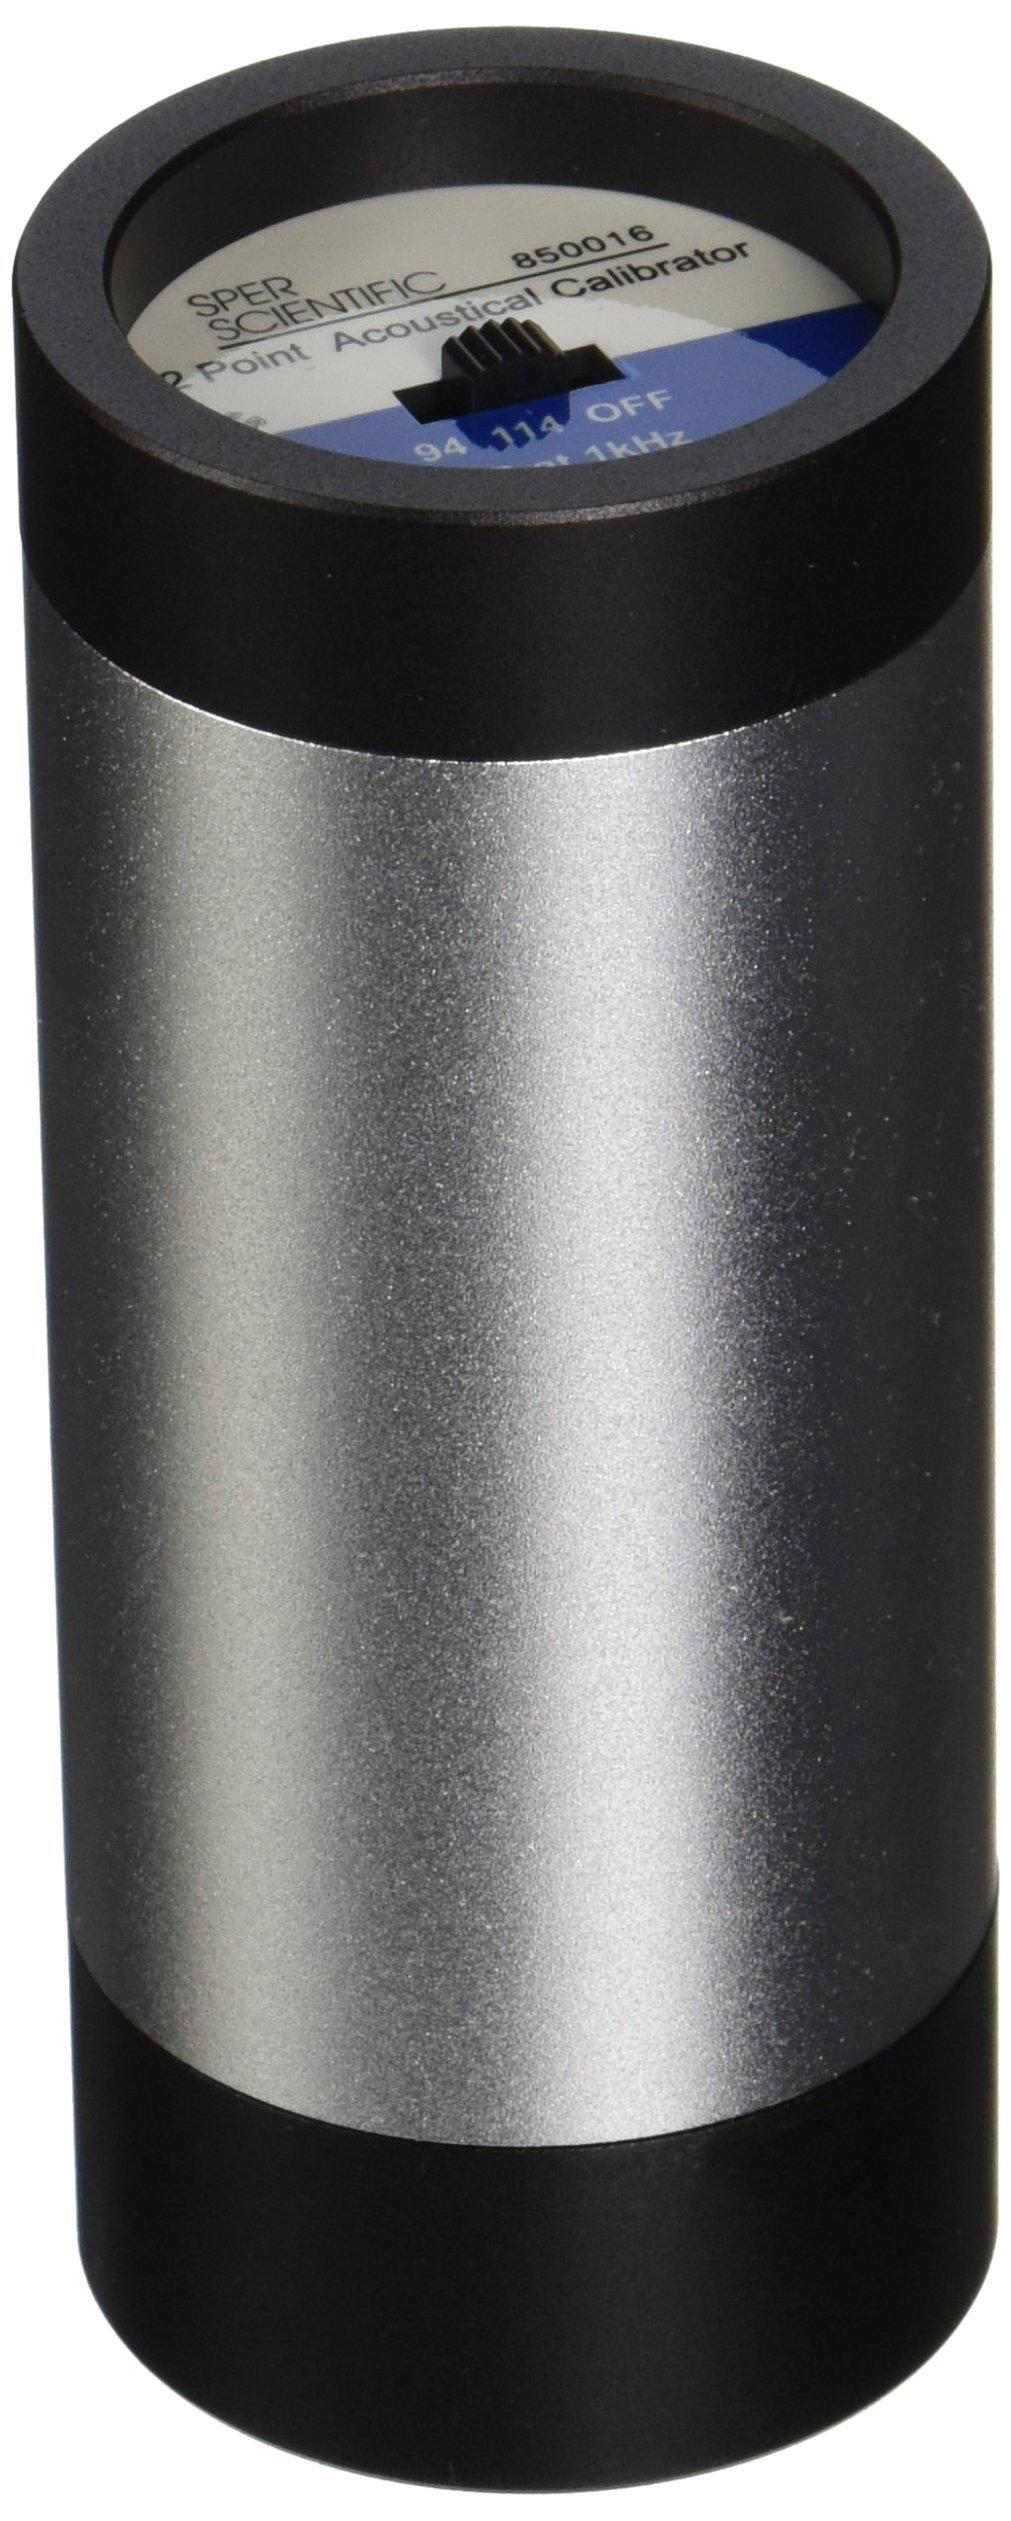 Sper Scientific 850016 Acoustical Calibrator